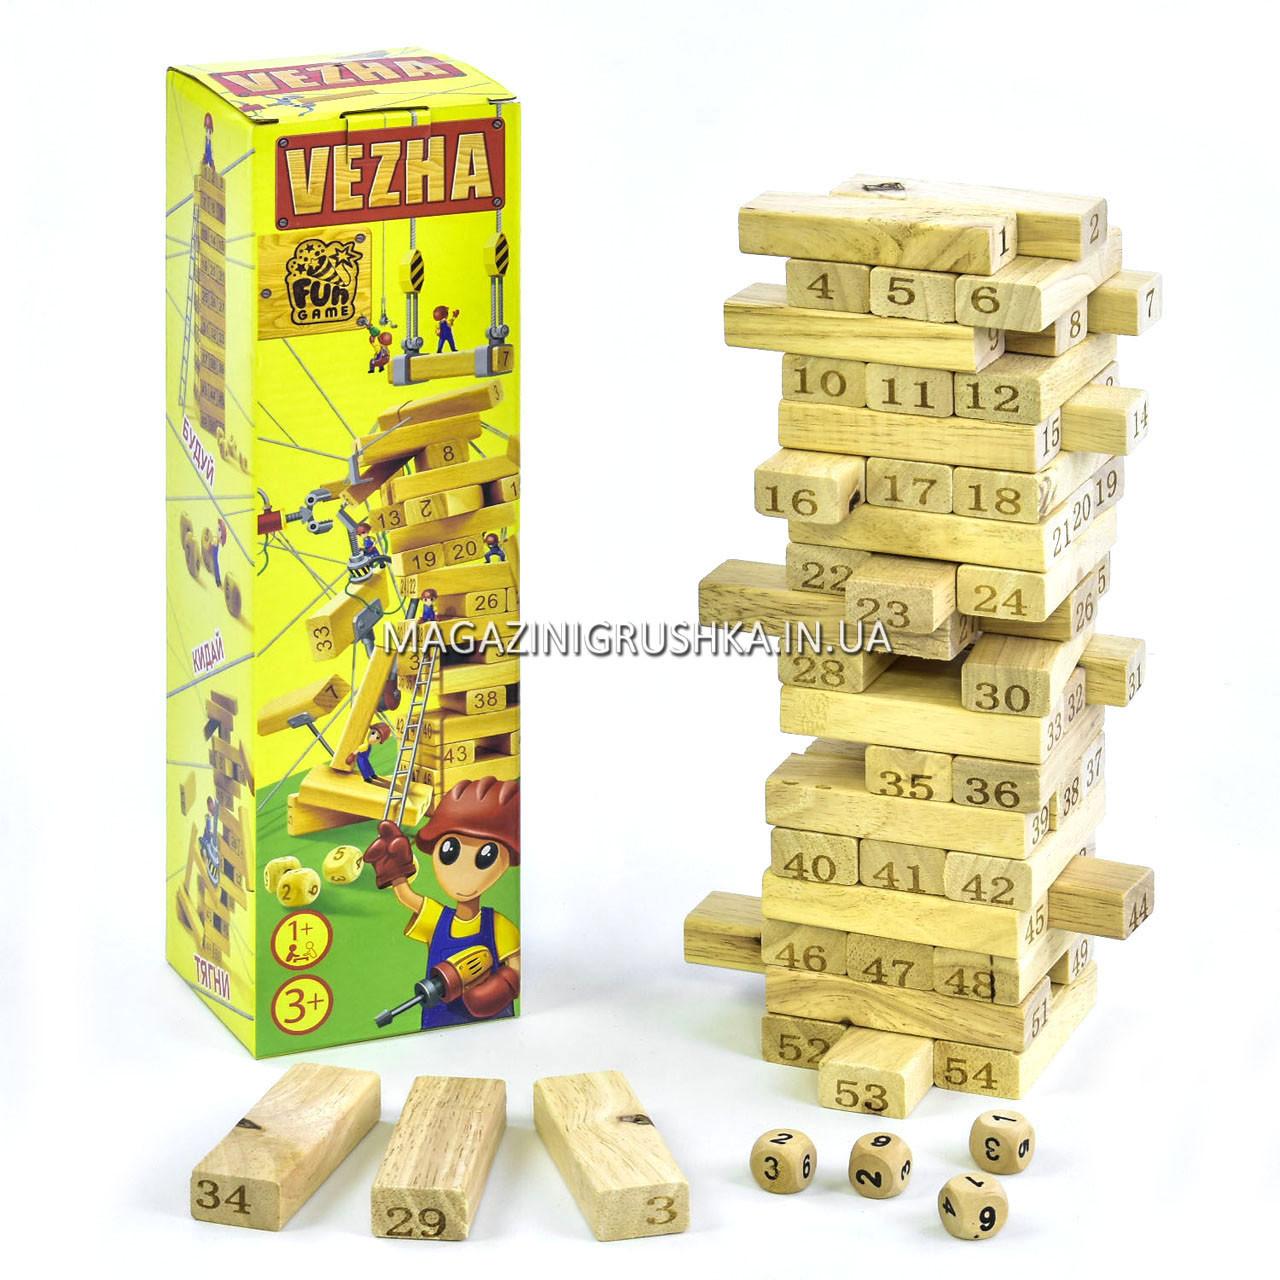 Настольная игра башня (Вежа) Vega (Вега). Версия игры Дженга 54 детали